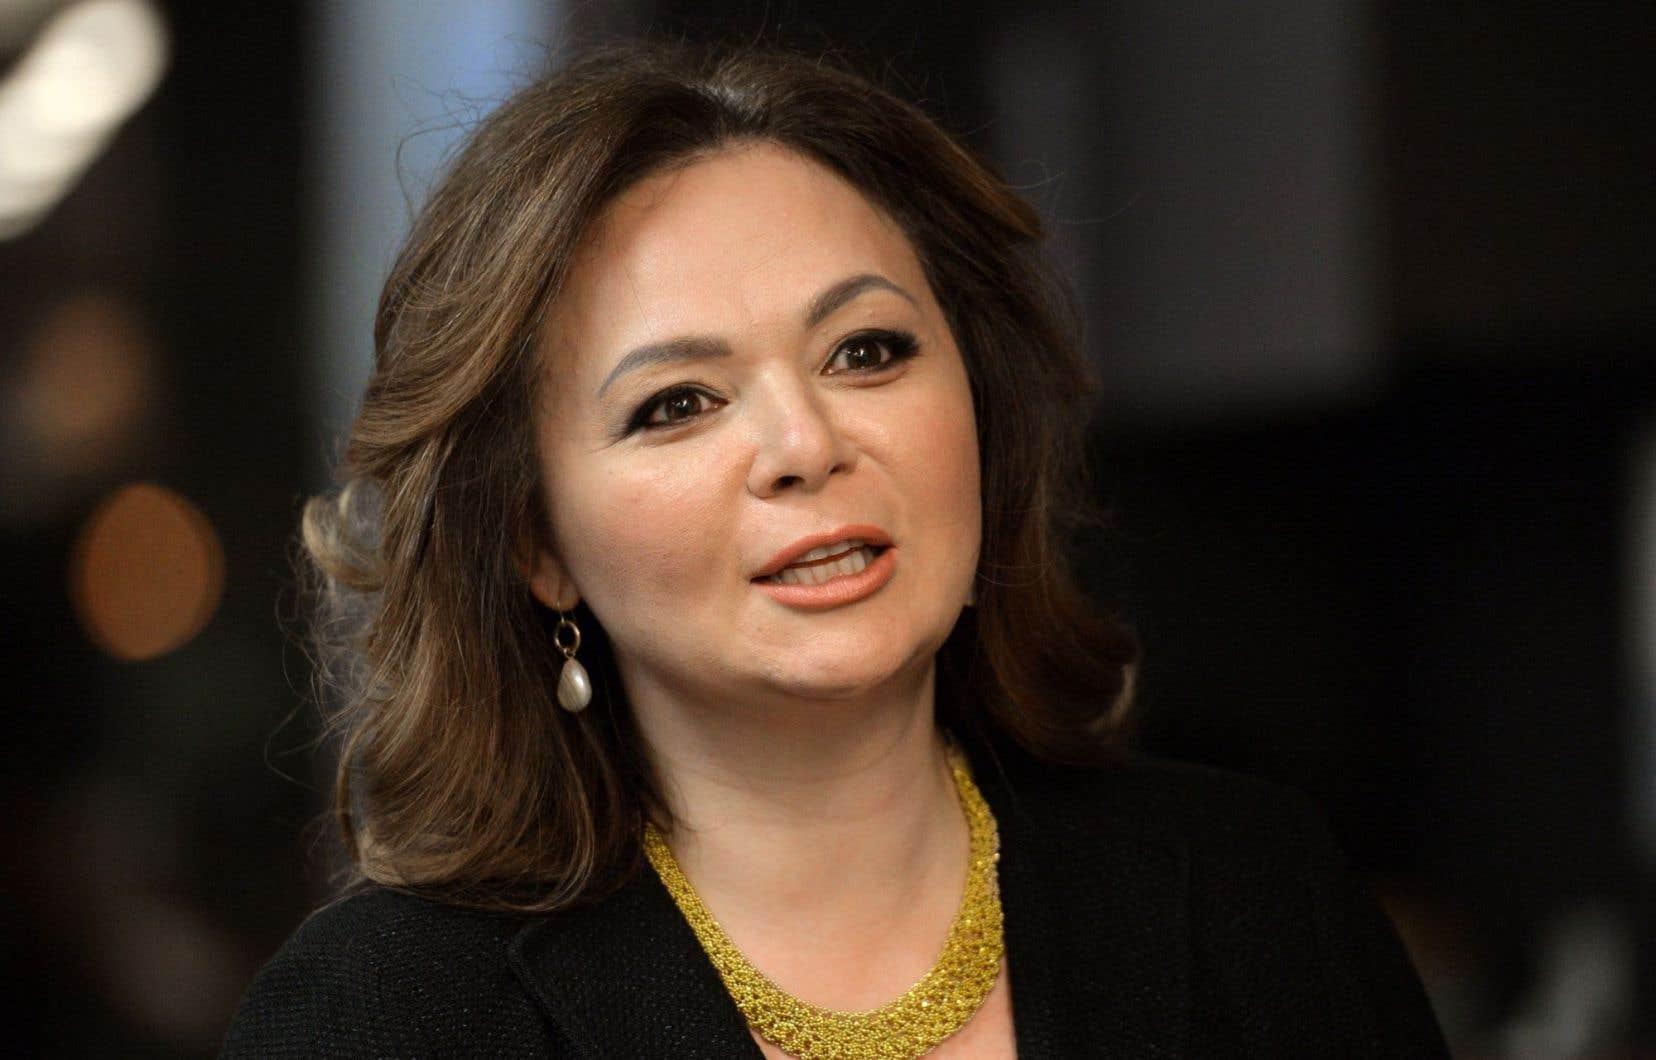 L'avocate russeNatalia Vesselnitskaïa